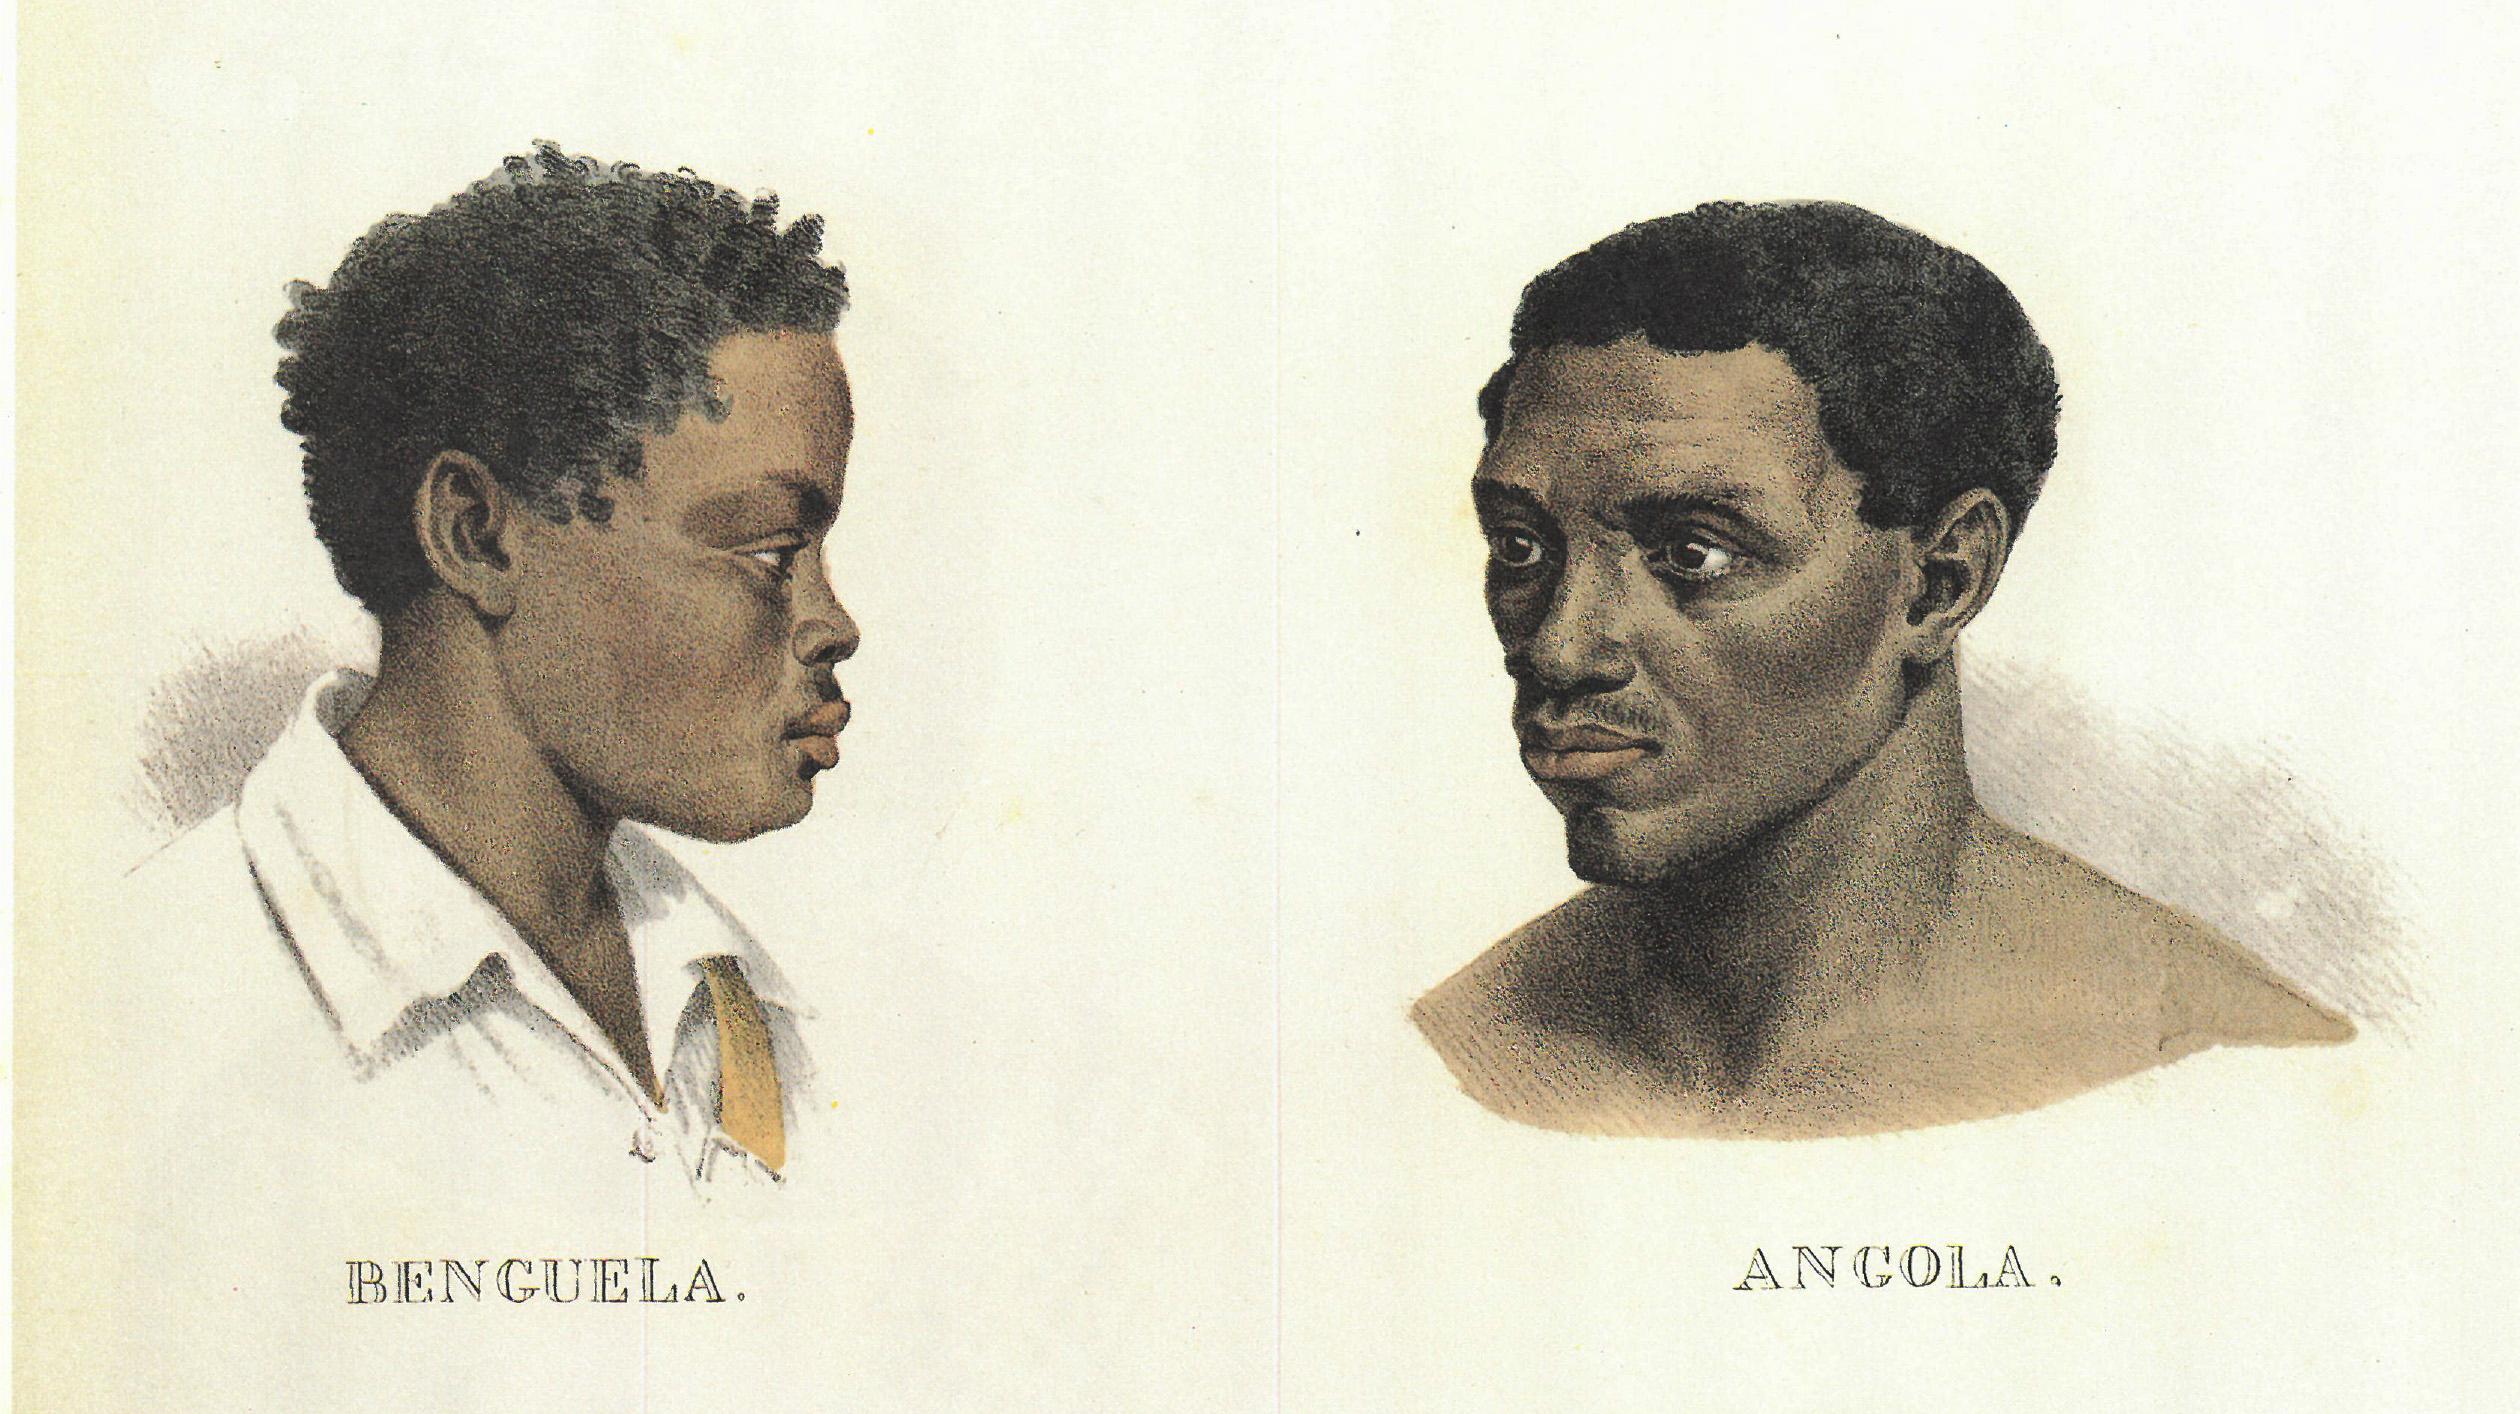 (3) Benguela – Angola. Johann Moritz Rugendas<br> Acervo da Fundação Biblioteca Nacional - Brasil